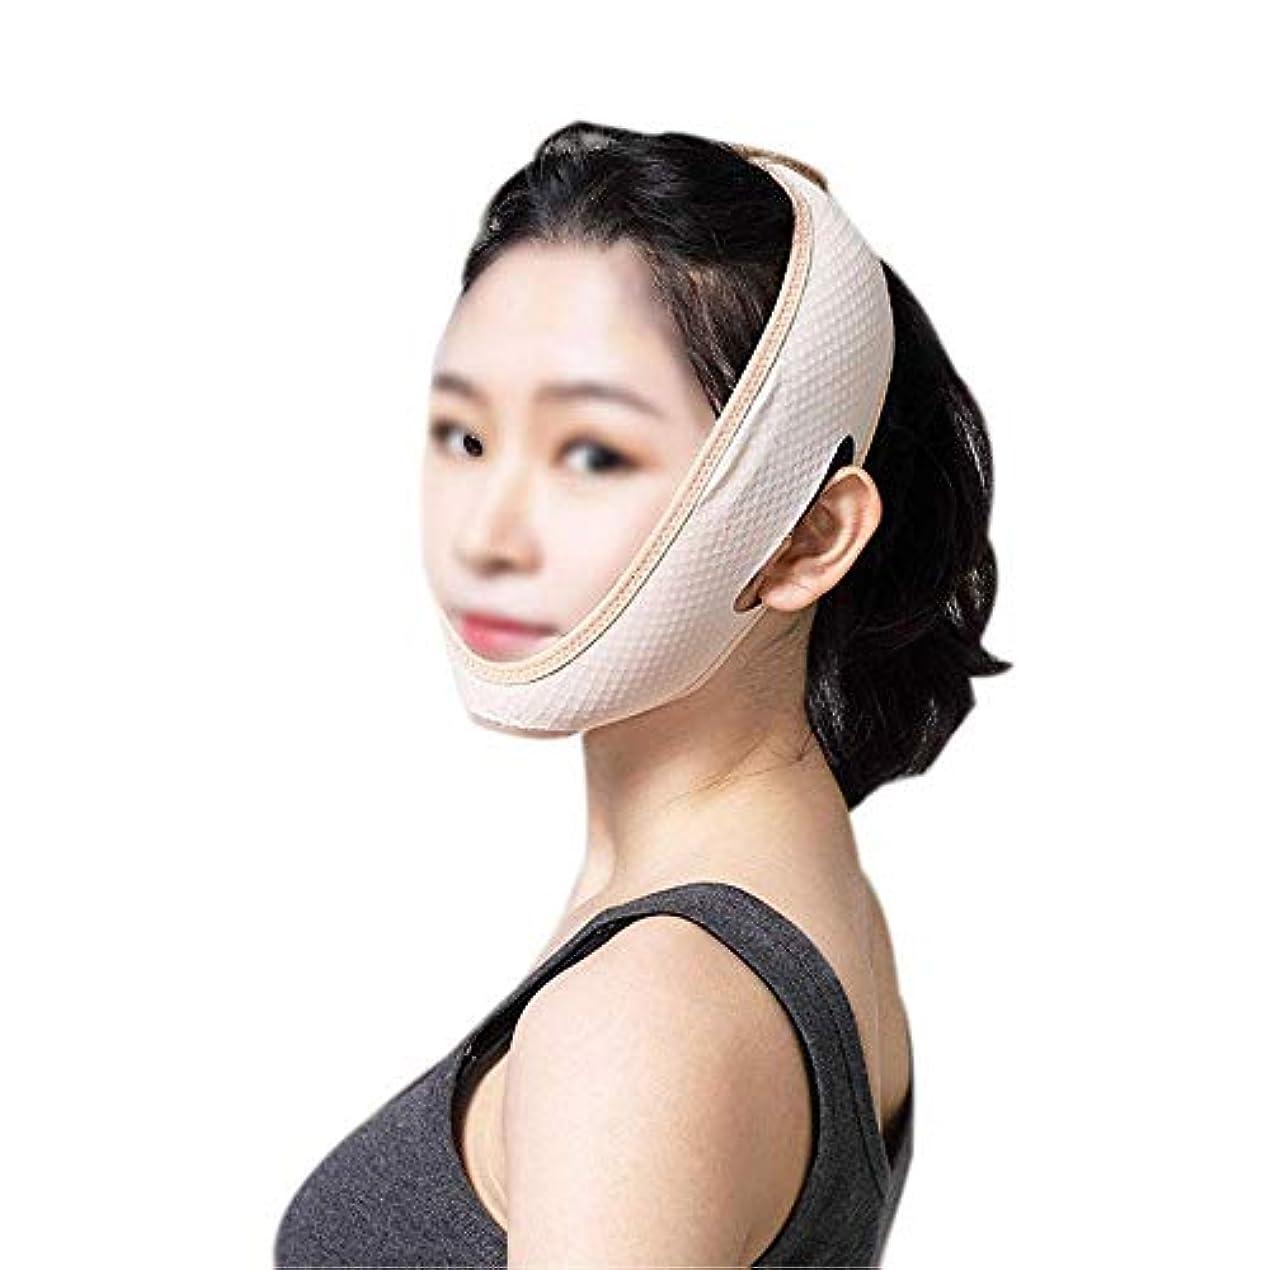 医薬品大気債務者フェイスリフティングバンデージ、肌の引き締めを強化する薄いフェイスマスクの睡眠、ダブルチンマスクの削減